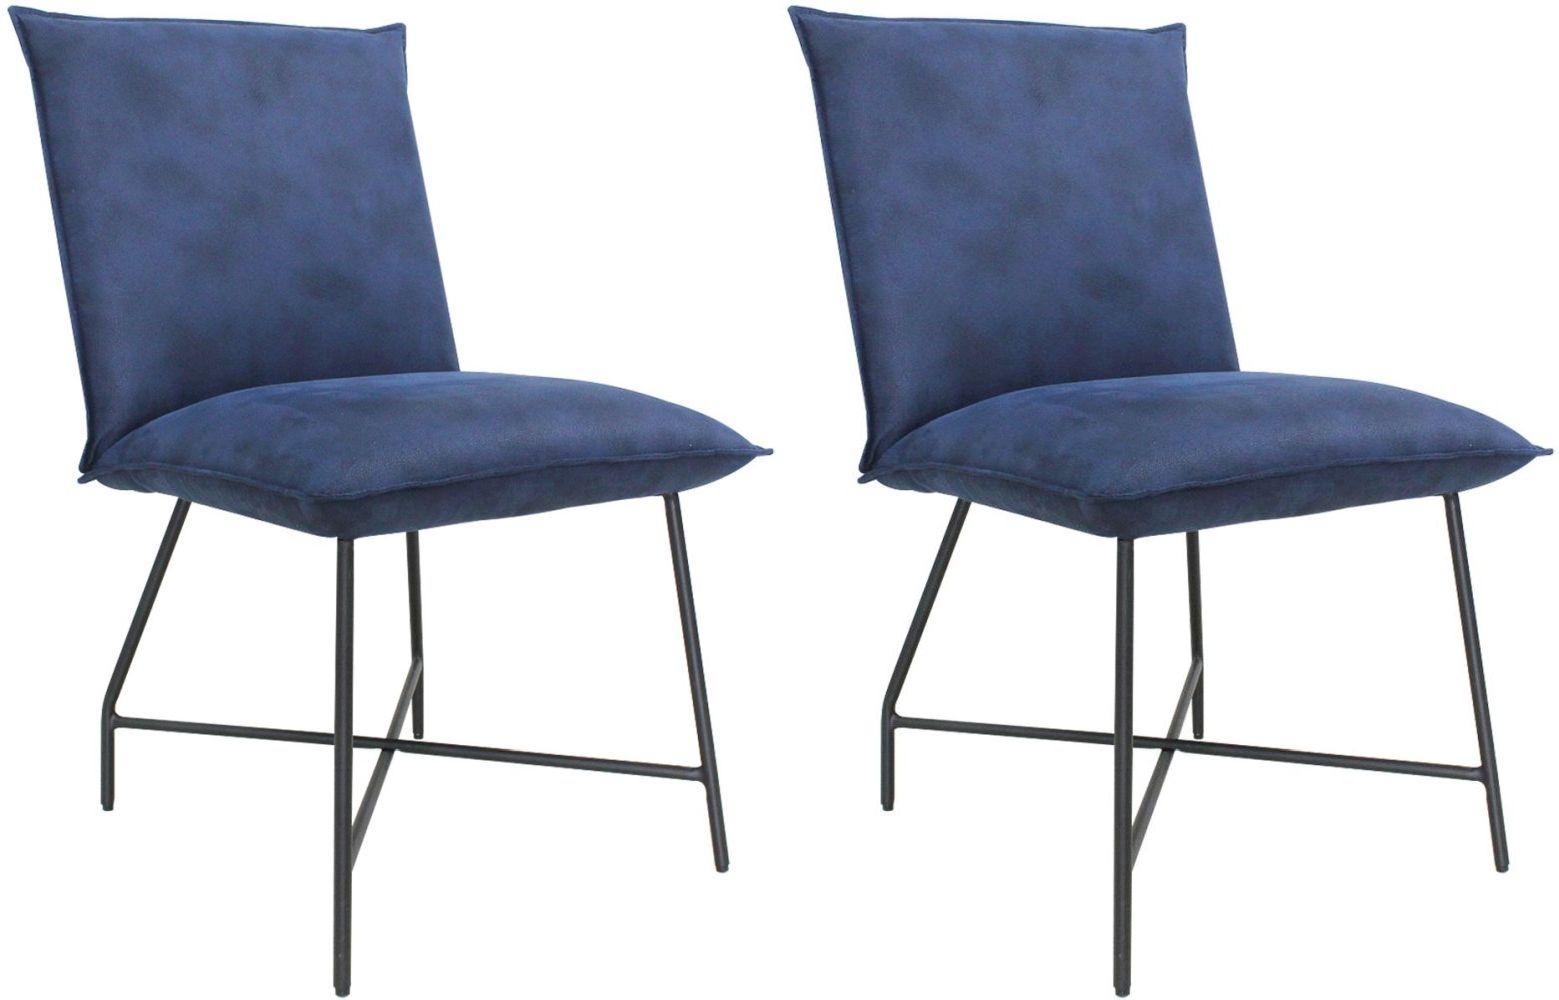 Vida Living Lukas Blue Fabric Dining Chair (Pair)